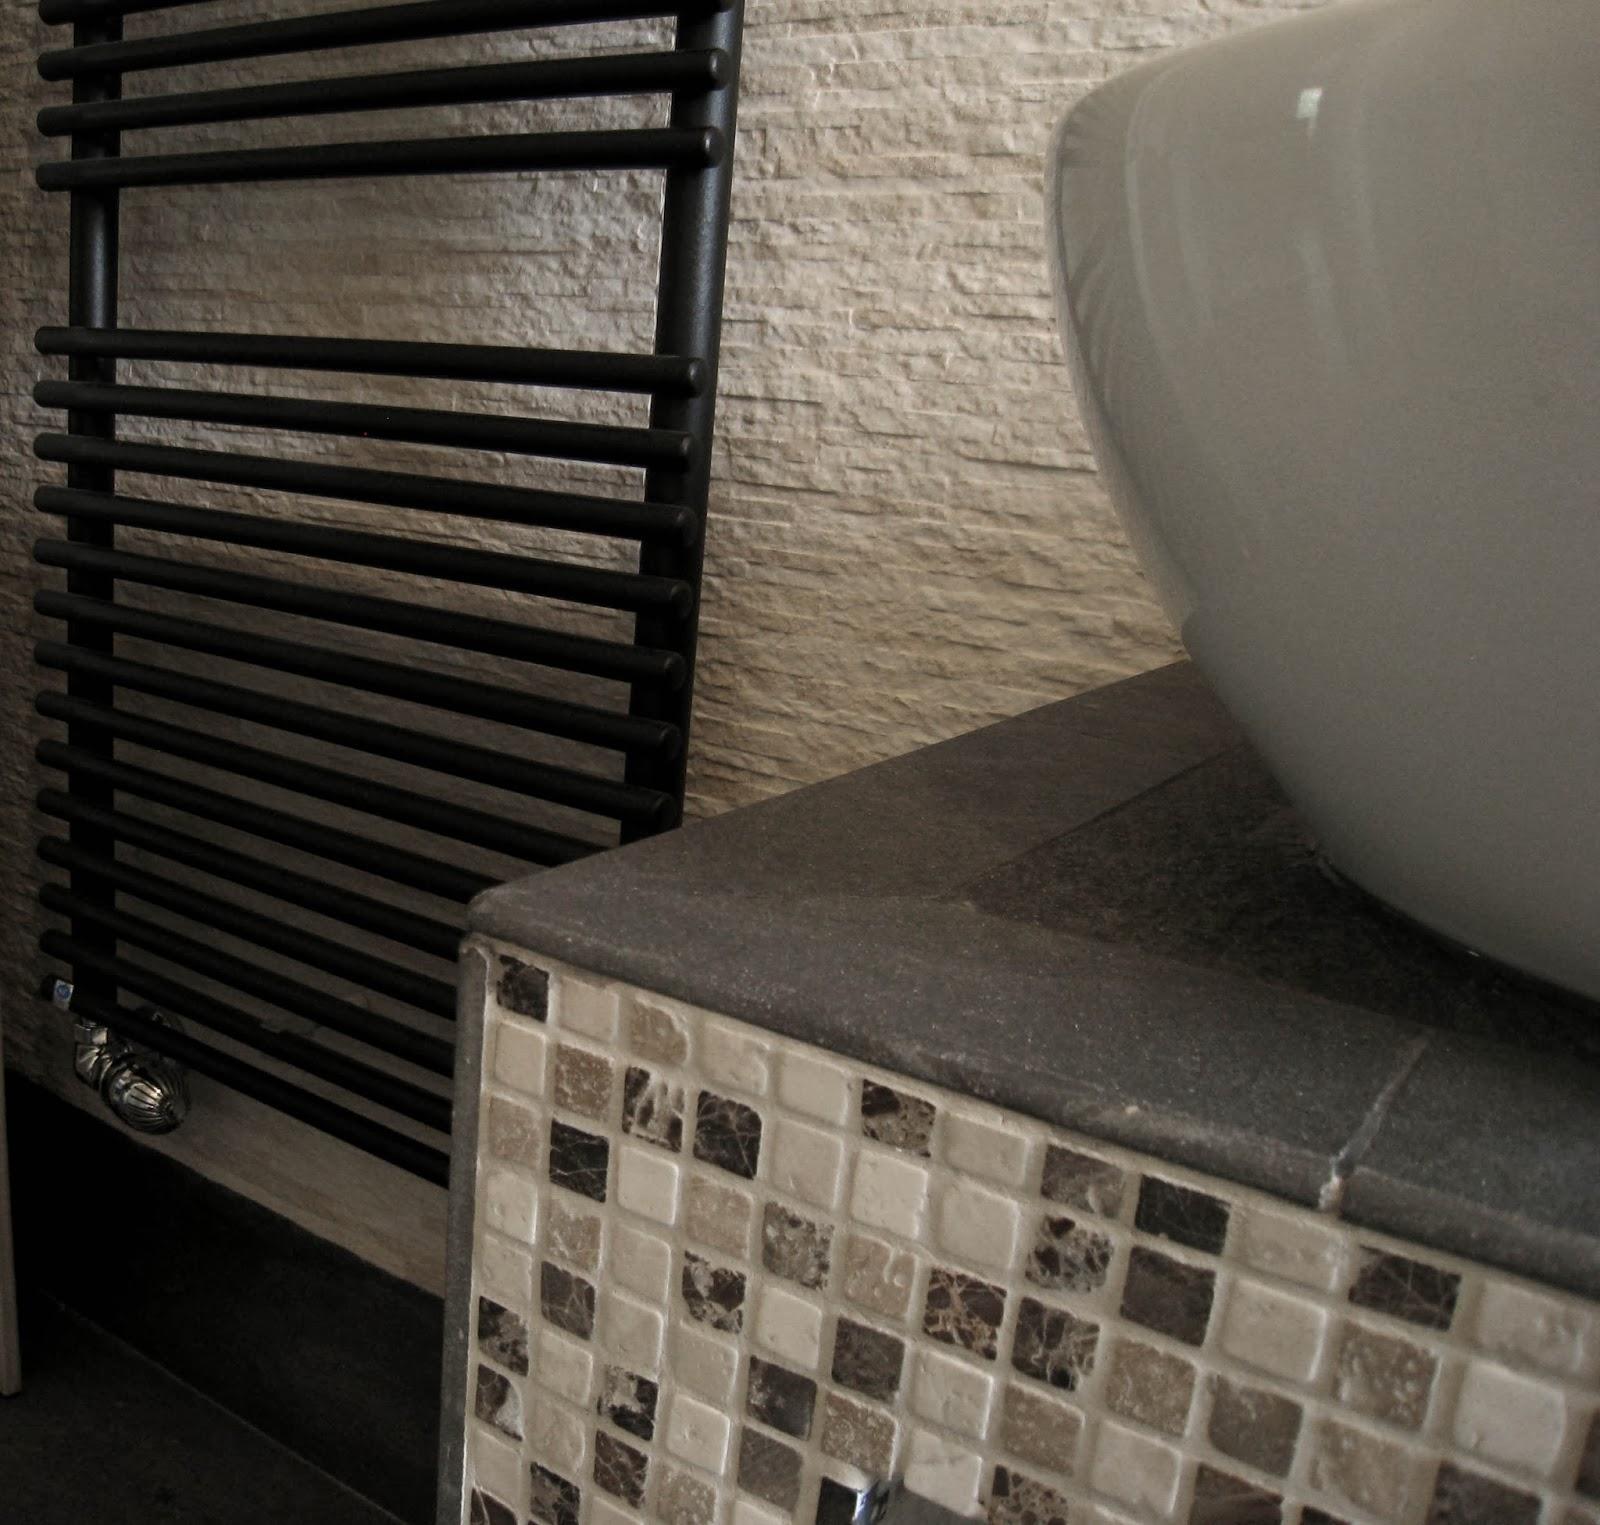 Mobili bagno in muratura moderni stunning bagno ad effetto muratura senza opera muraria i di for Mobili bagno in muratura moderni